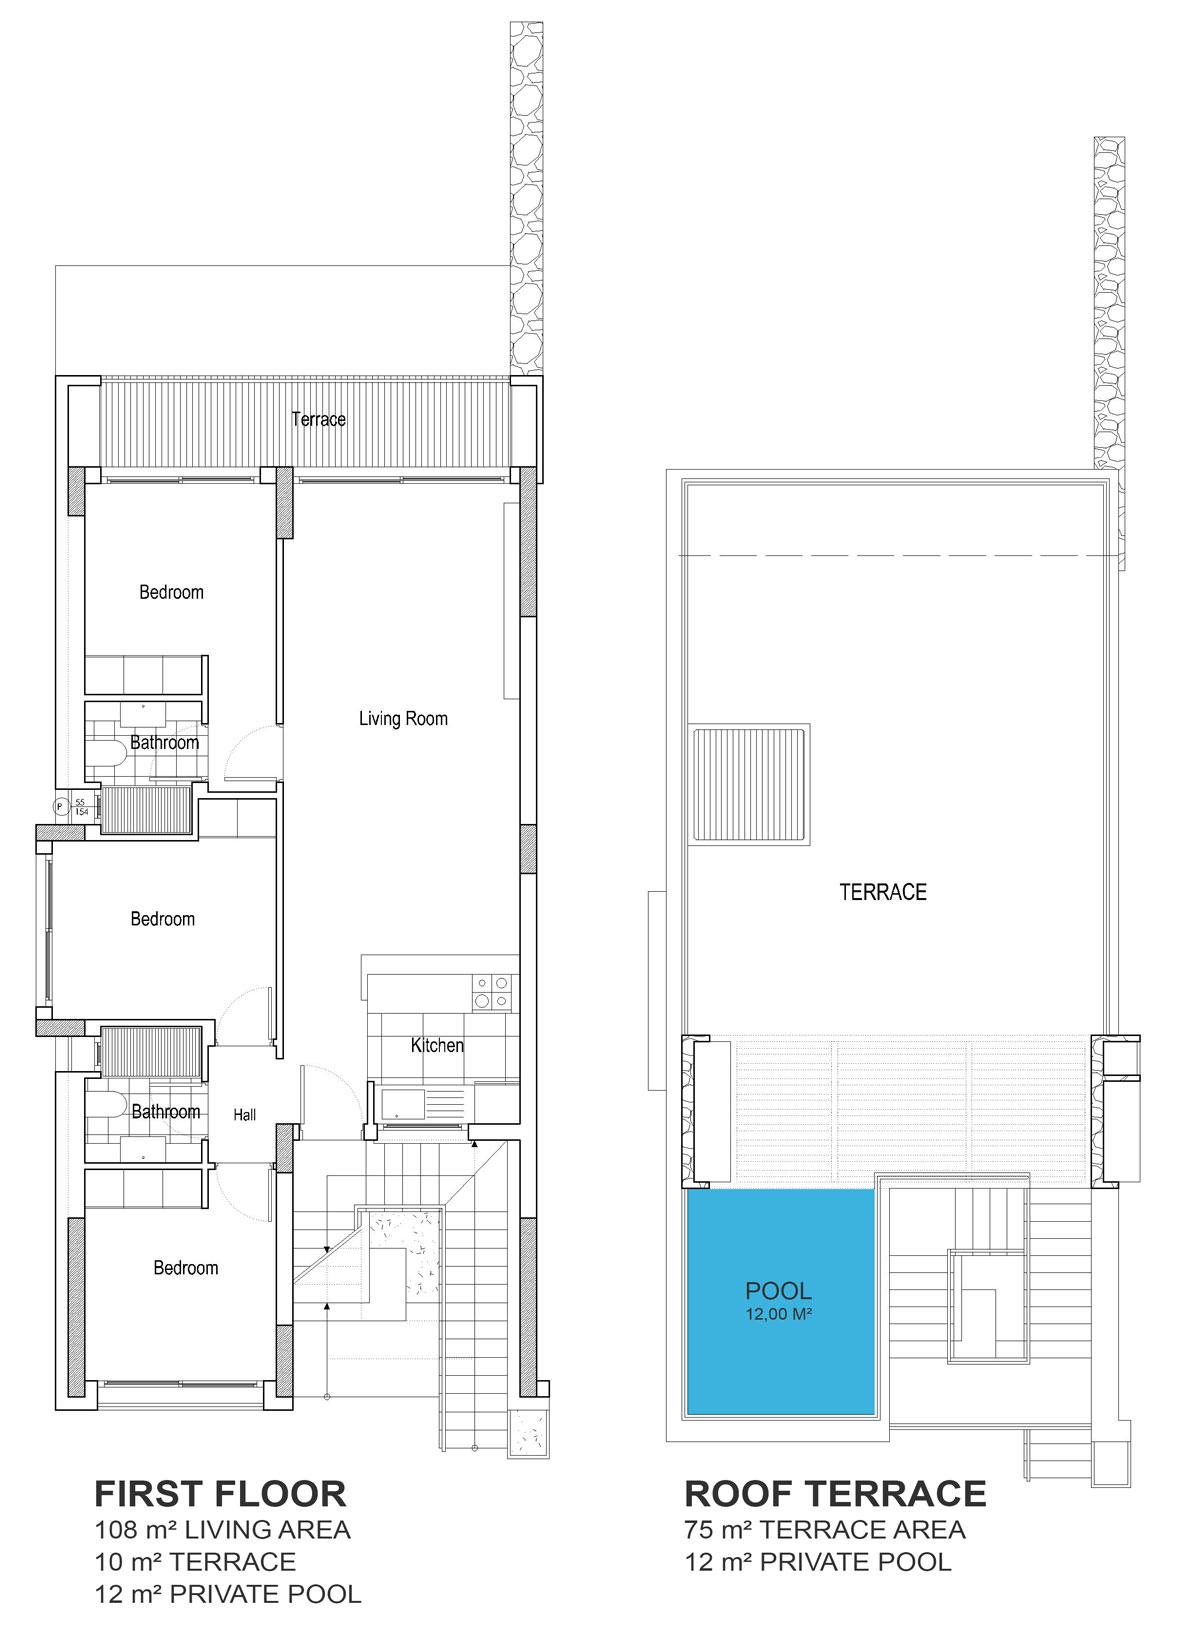 Living area, terrace & roof terrace